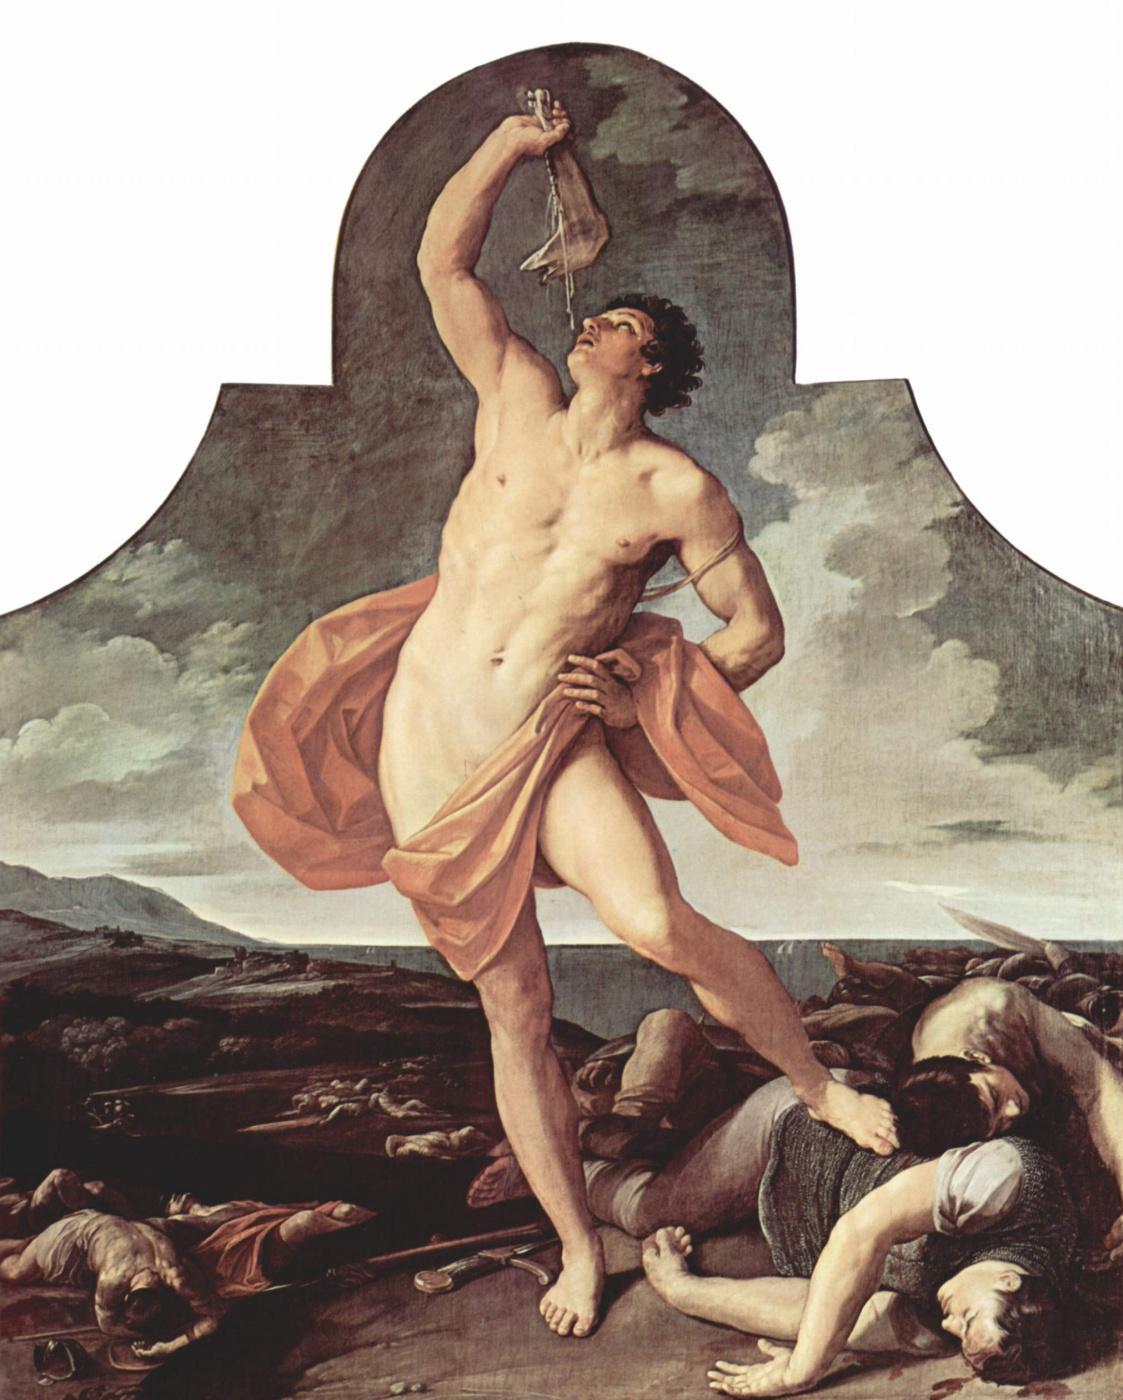 Guido Reni. Samson celebrates his victory